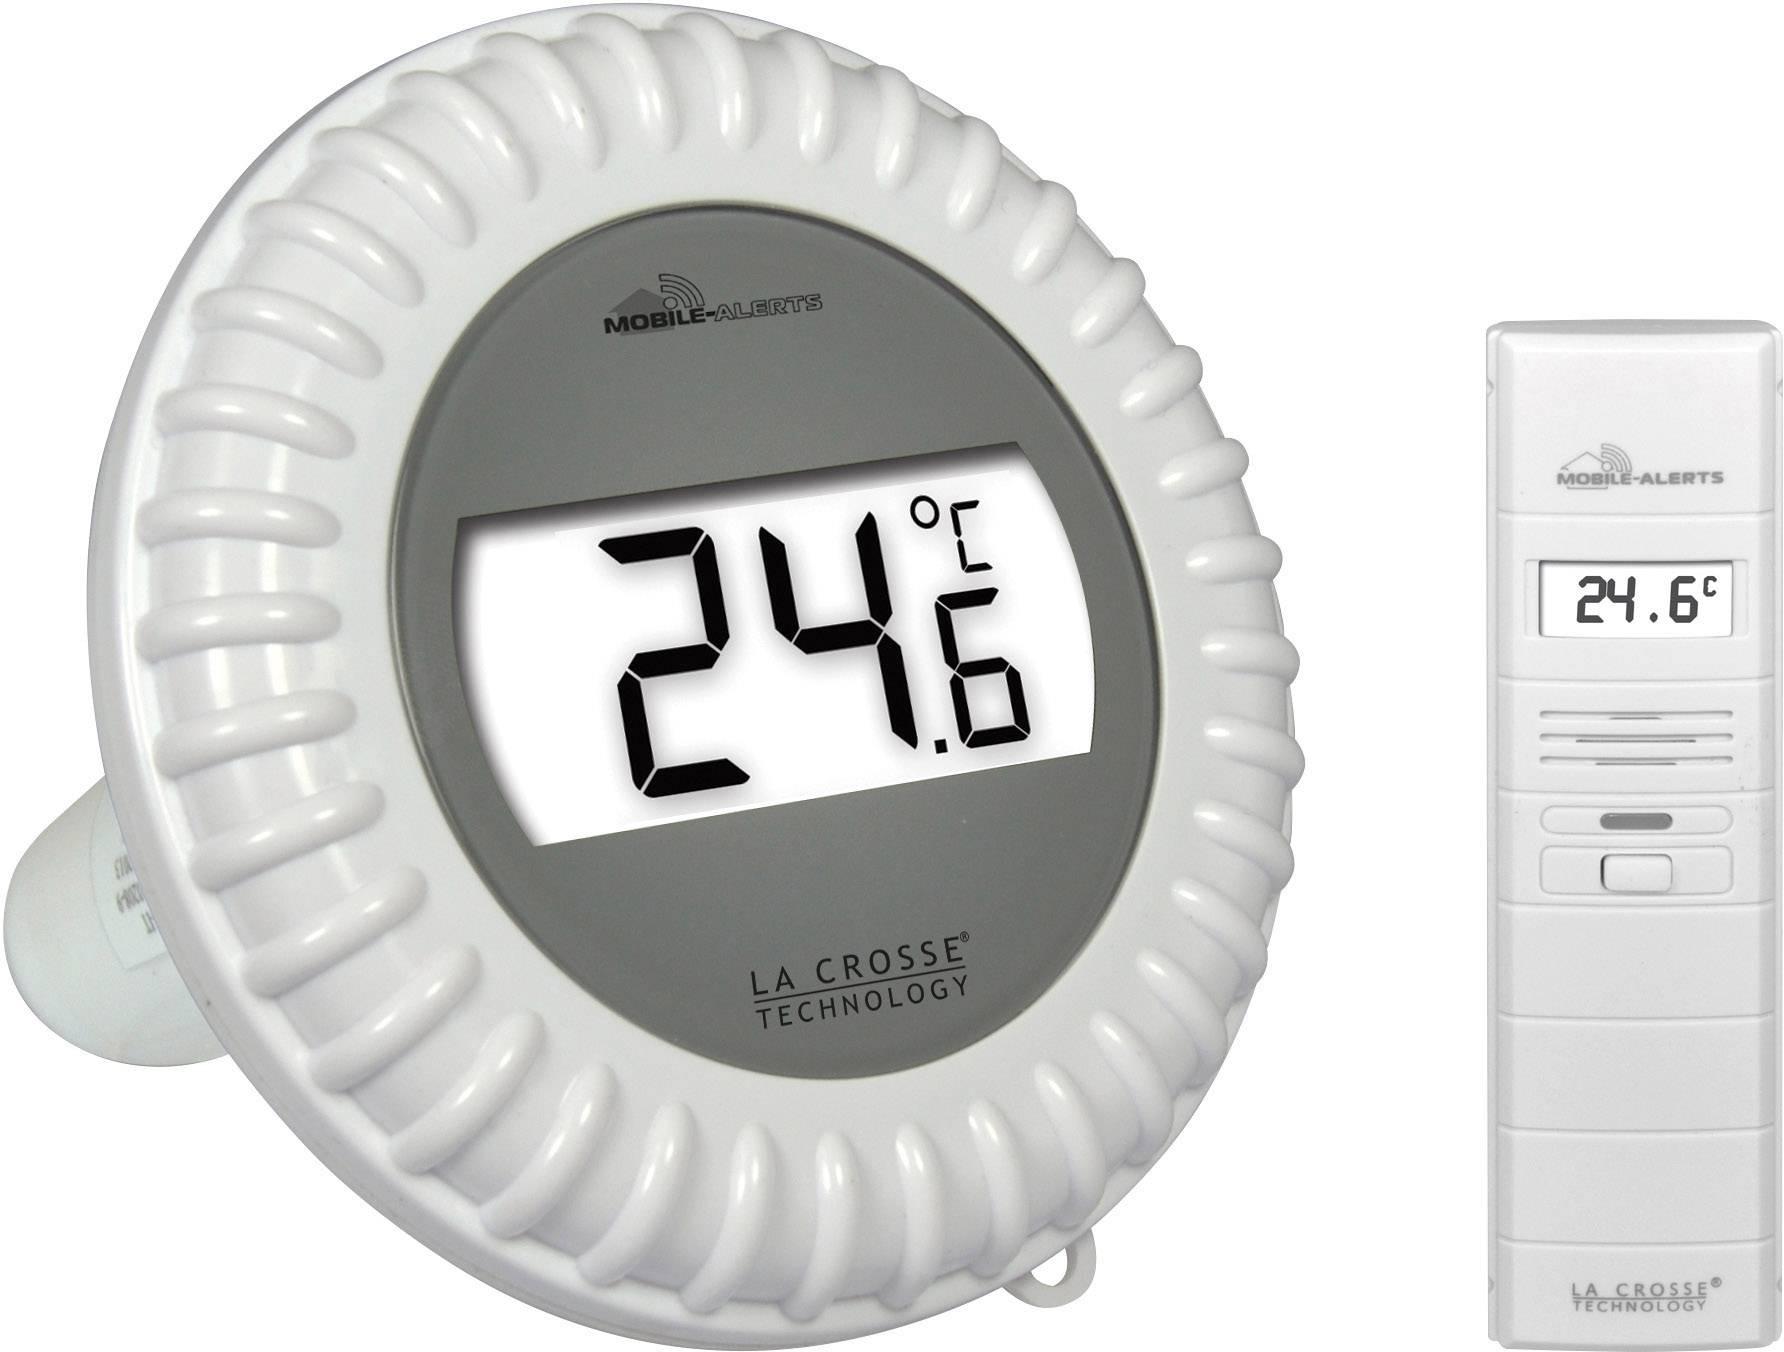 Teplotní/vlhkostní senzor La Crosse Technology MA10700